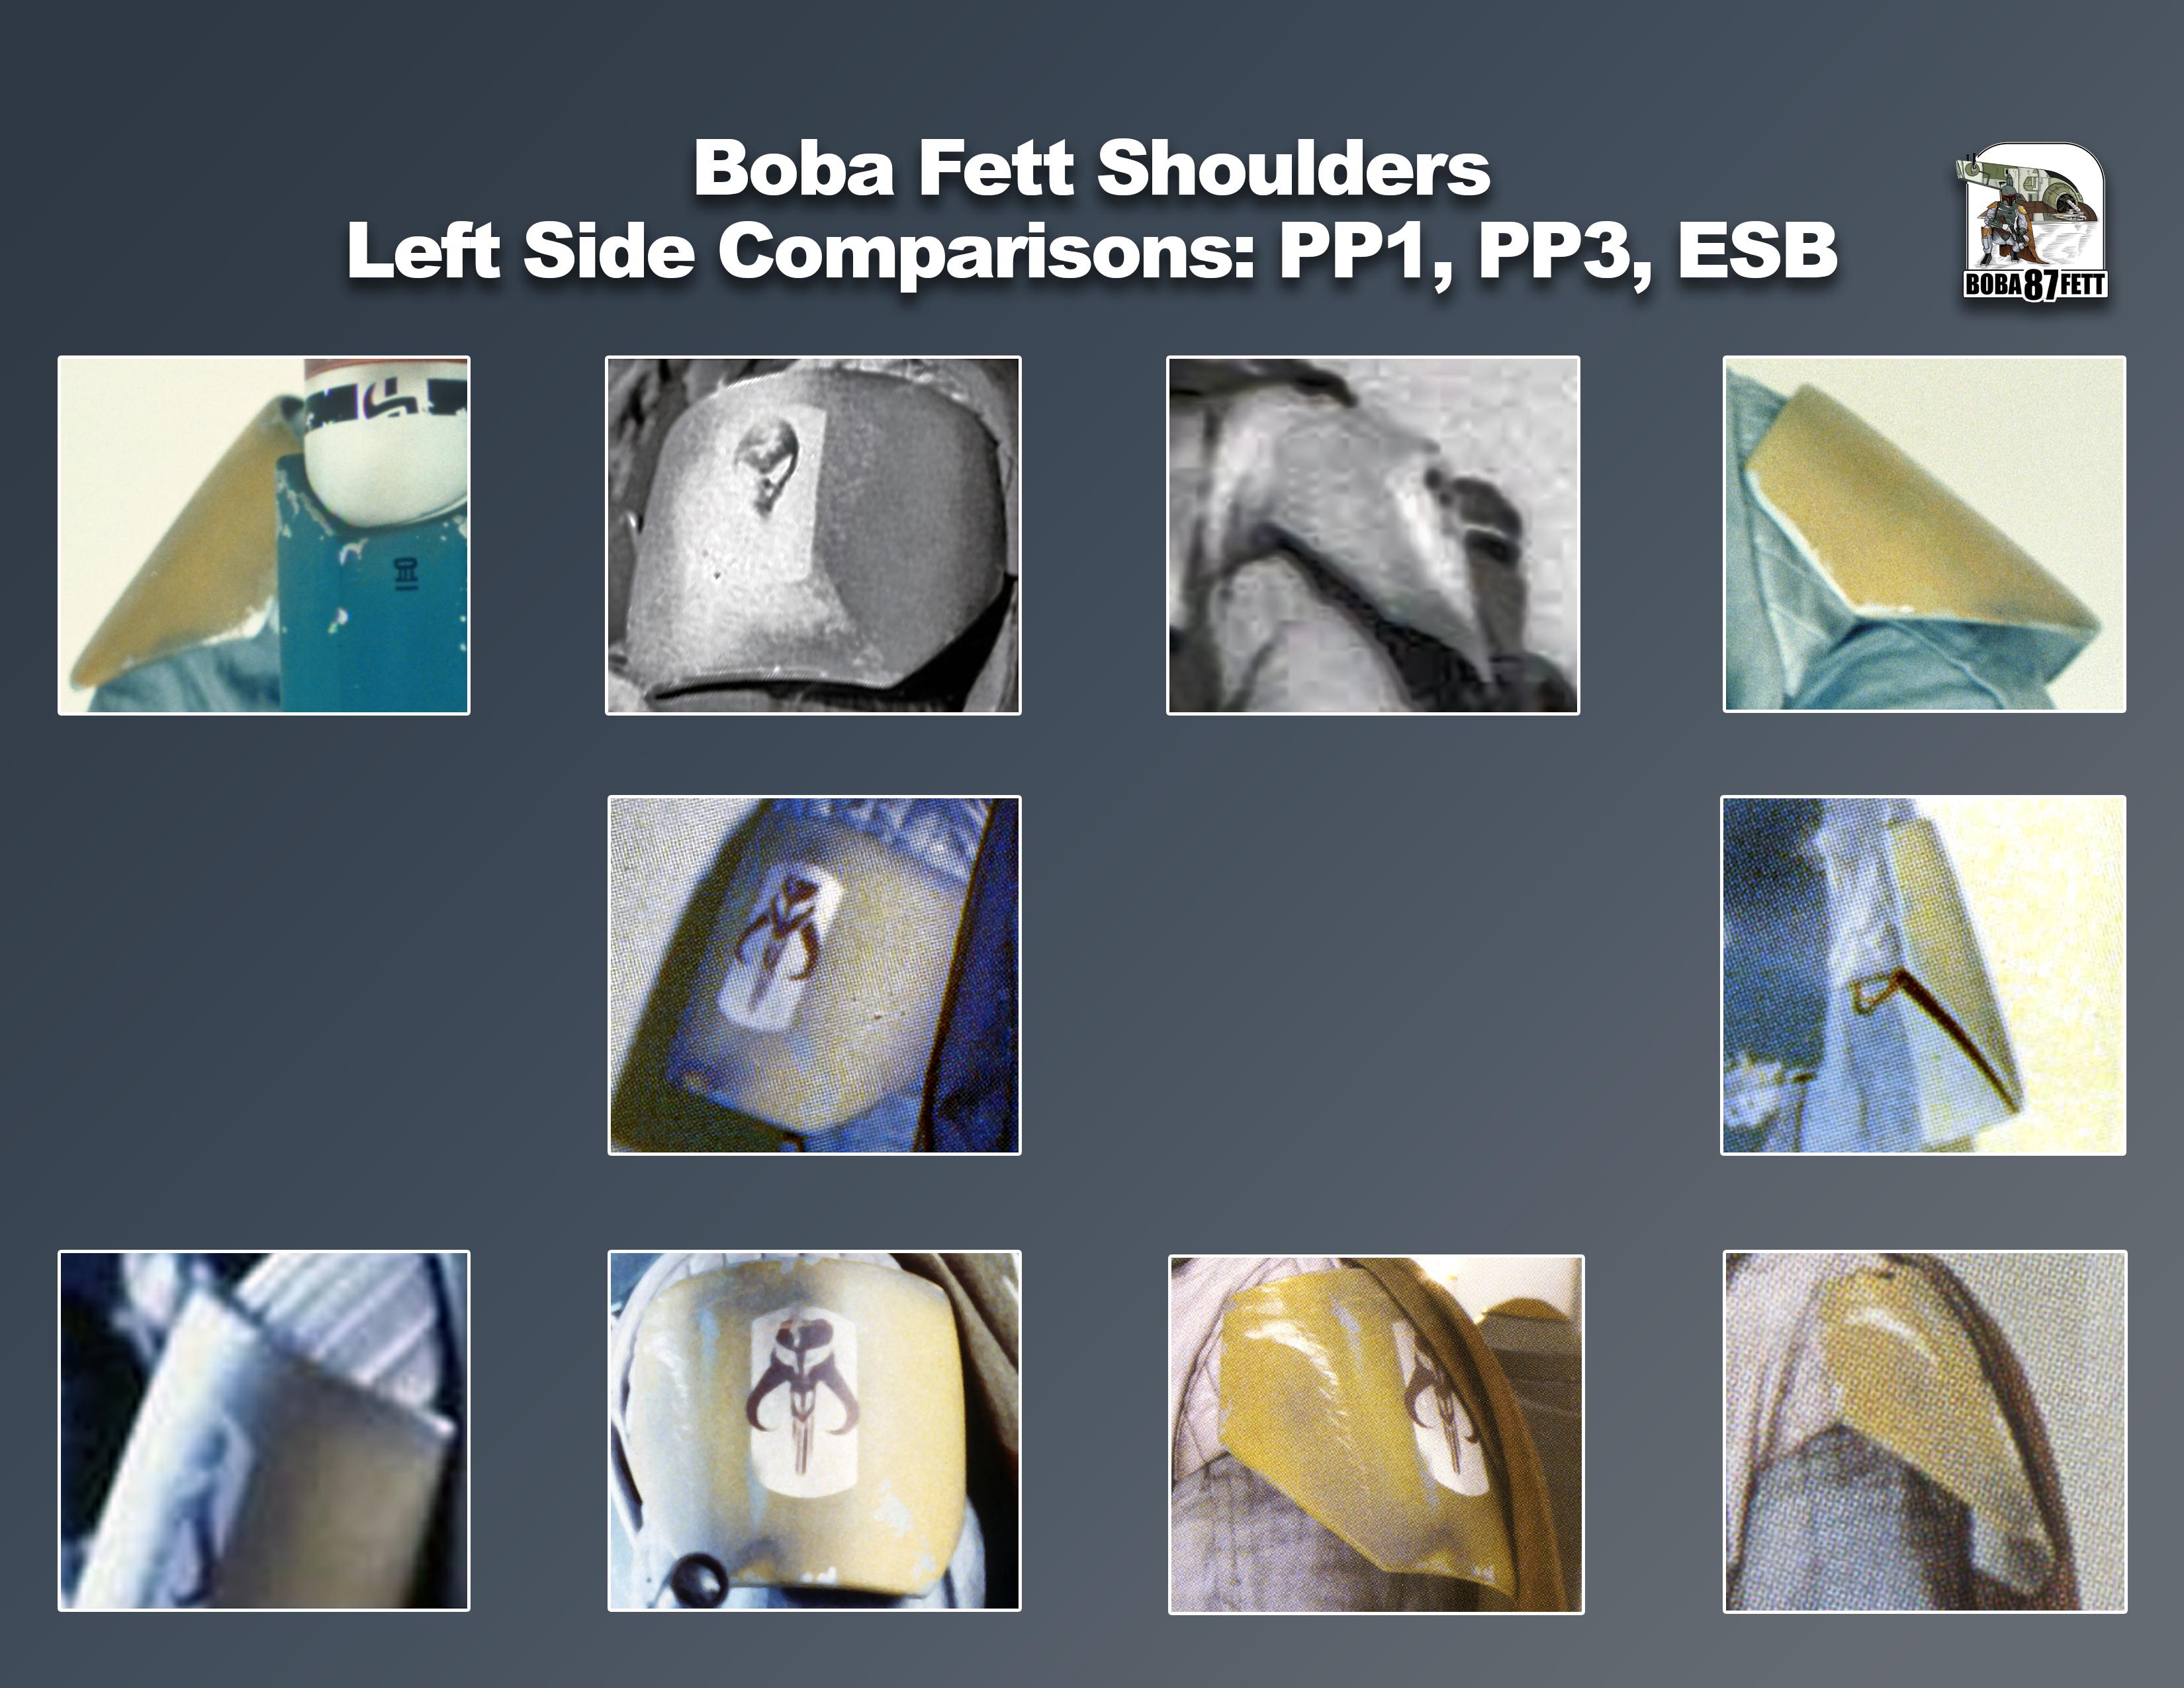 Boba-Fett-Shoulders-Comparison-Left-PP1-PP3-ESB.jpg